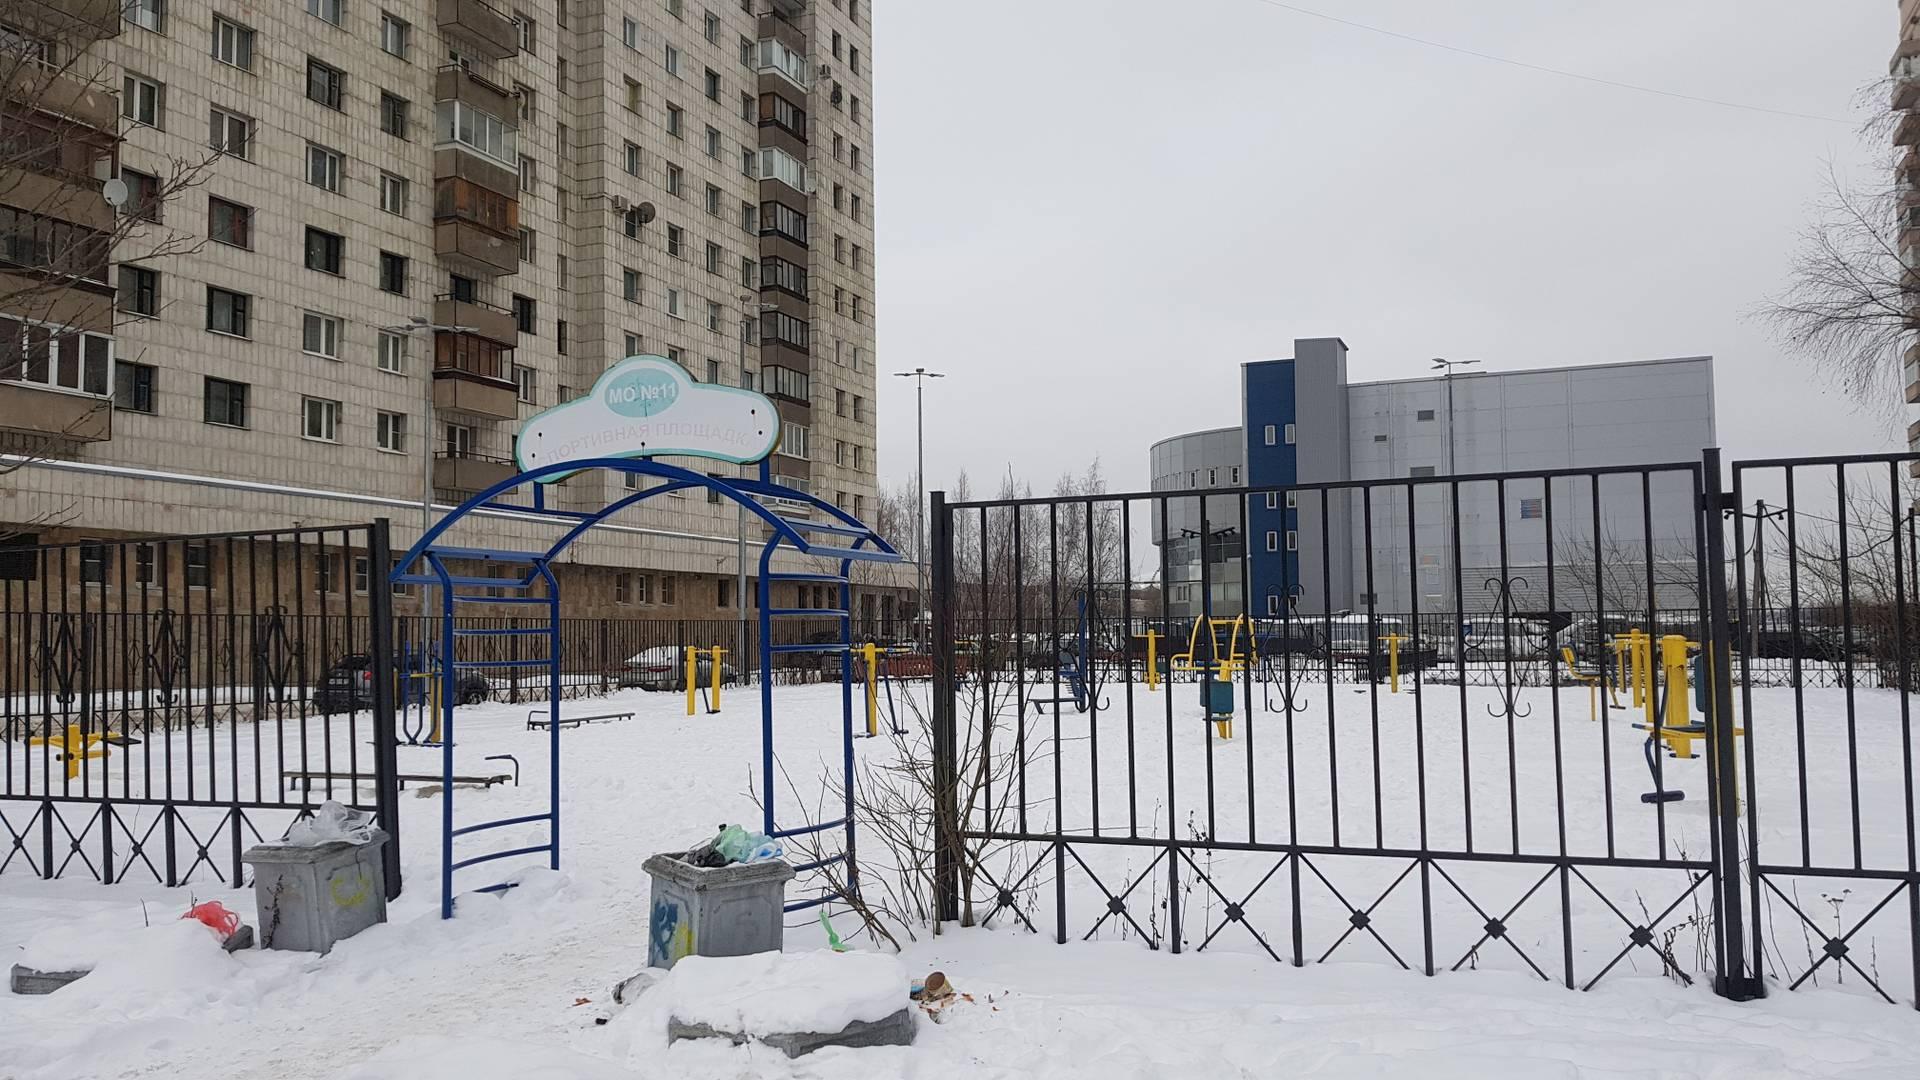 Спортивная площадка, Санкт-Петербург